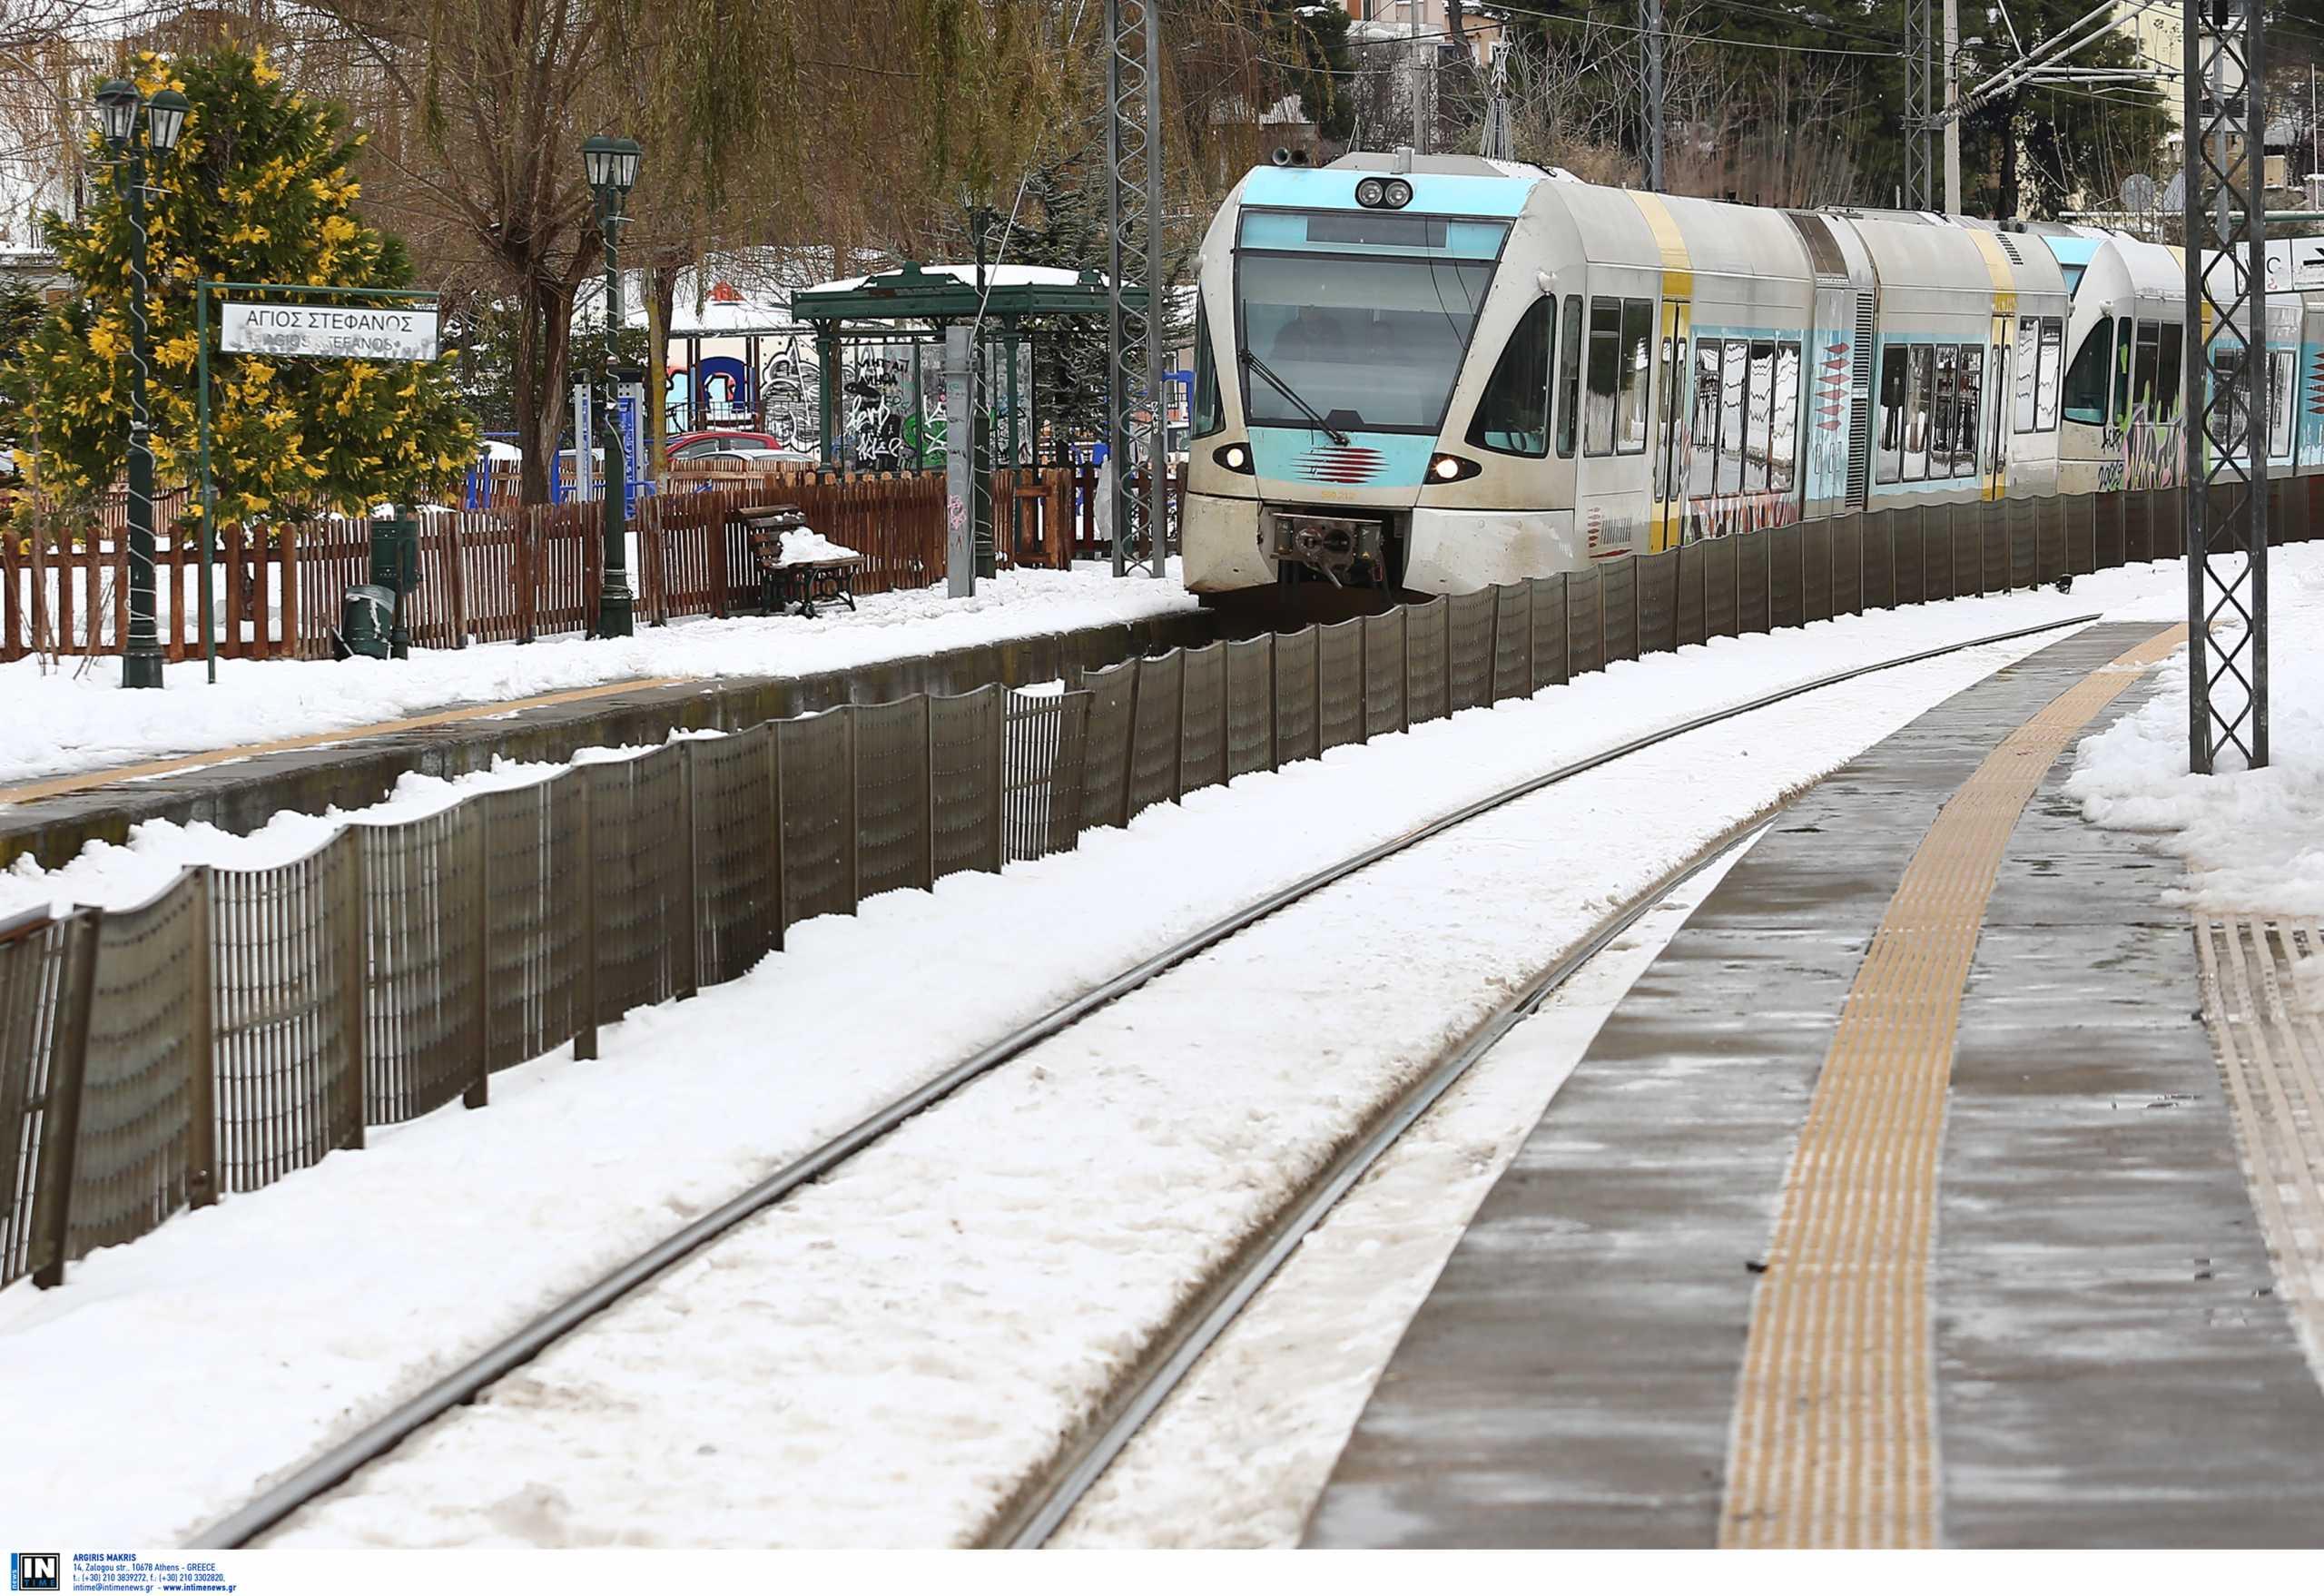 Διακοπές δρομολογίων σε τρένα και προαστιακό λόγω κακοκαιρίας